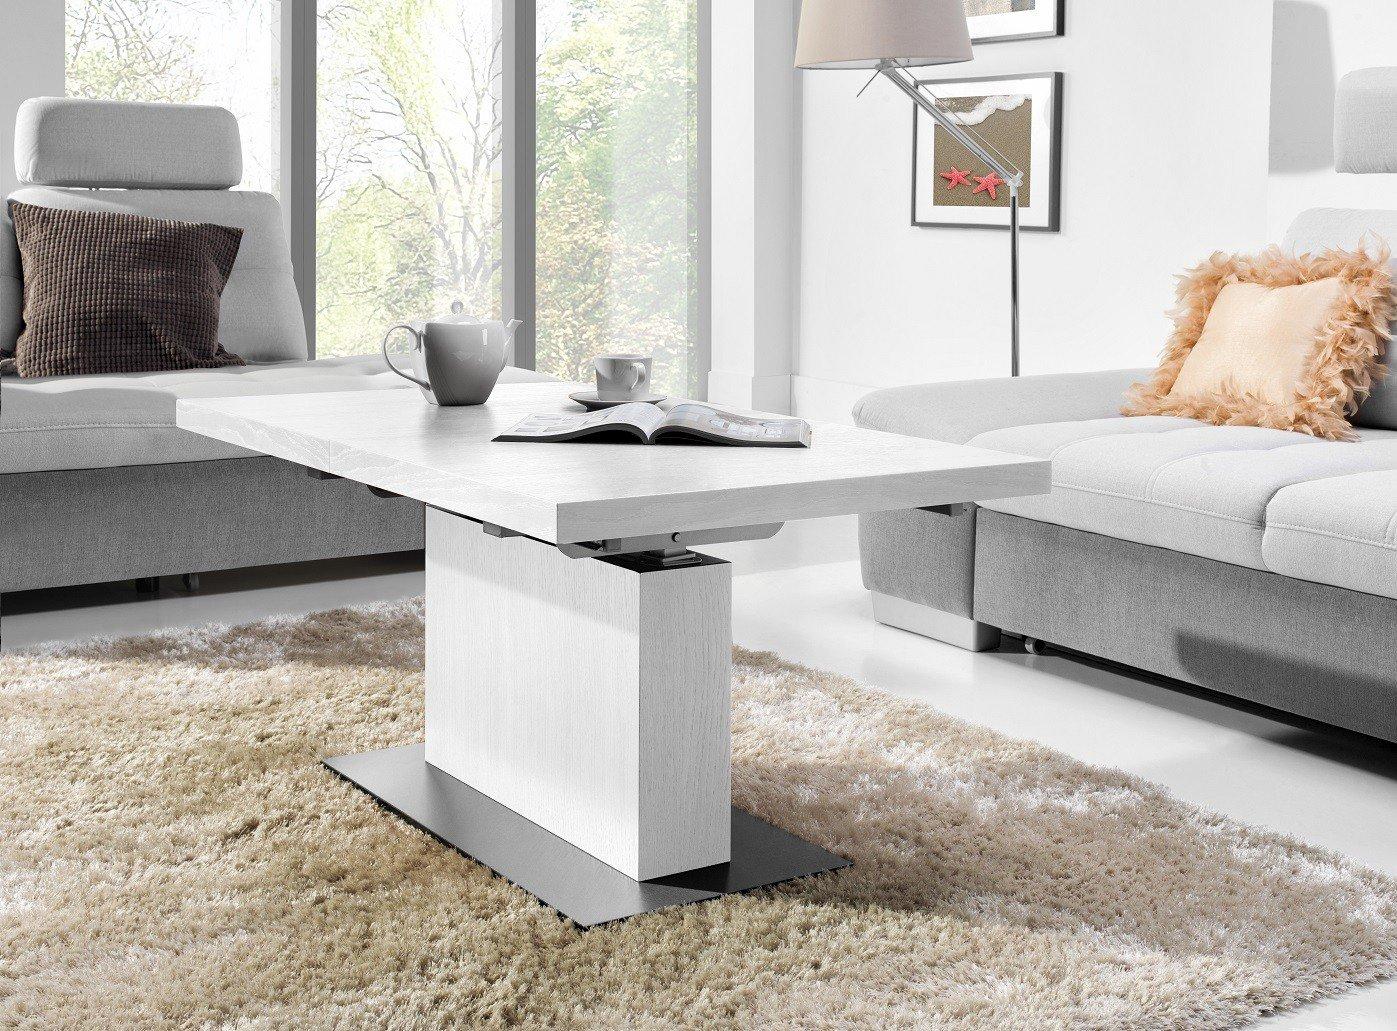 Design Couchtisch Tisch Mn Wei Seidenmatt U Ausziehbar Gnstig Kaufen With  Couchtisch Hochglanz Wei Gnstig With Sofa Wei Gnstig